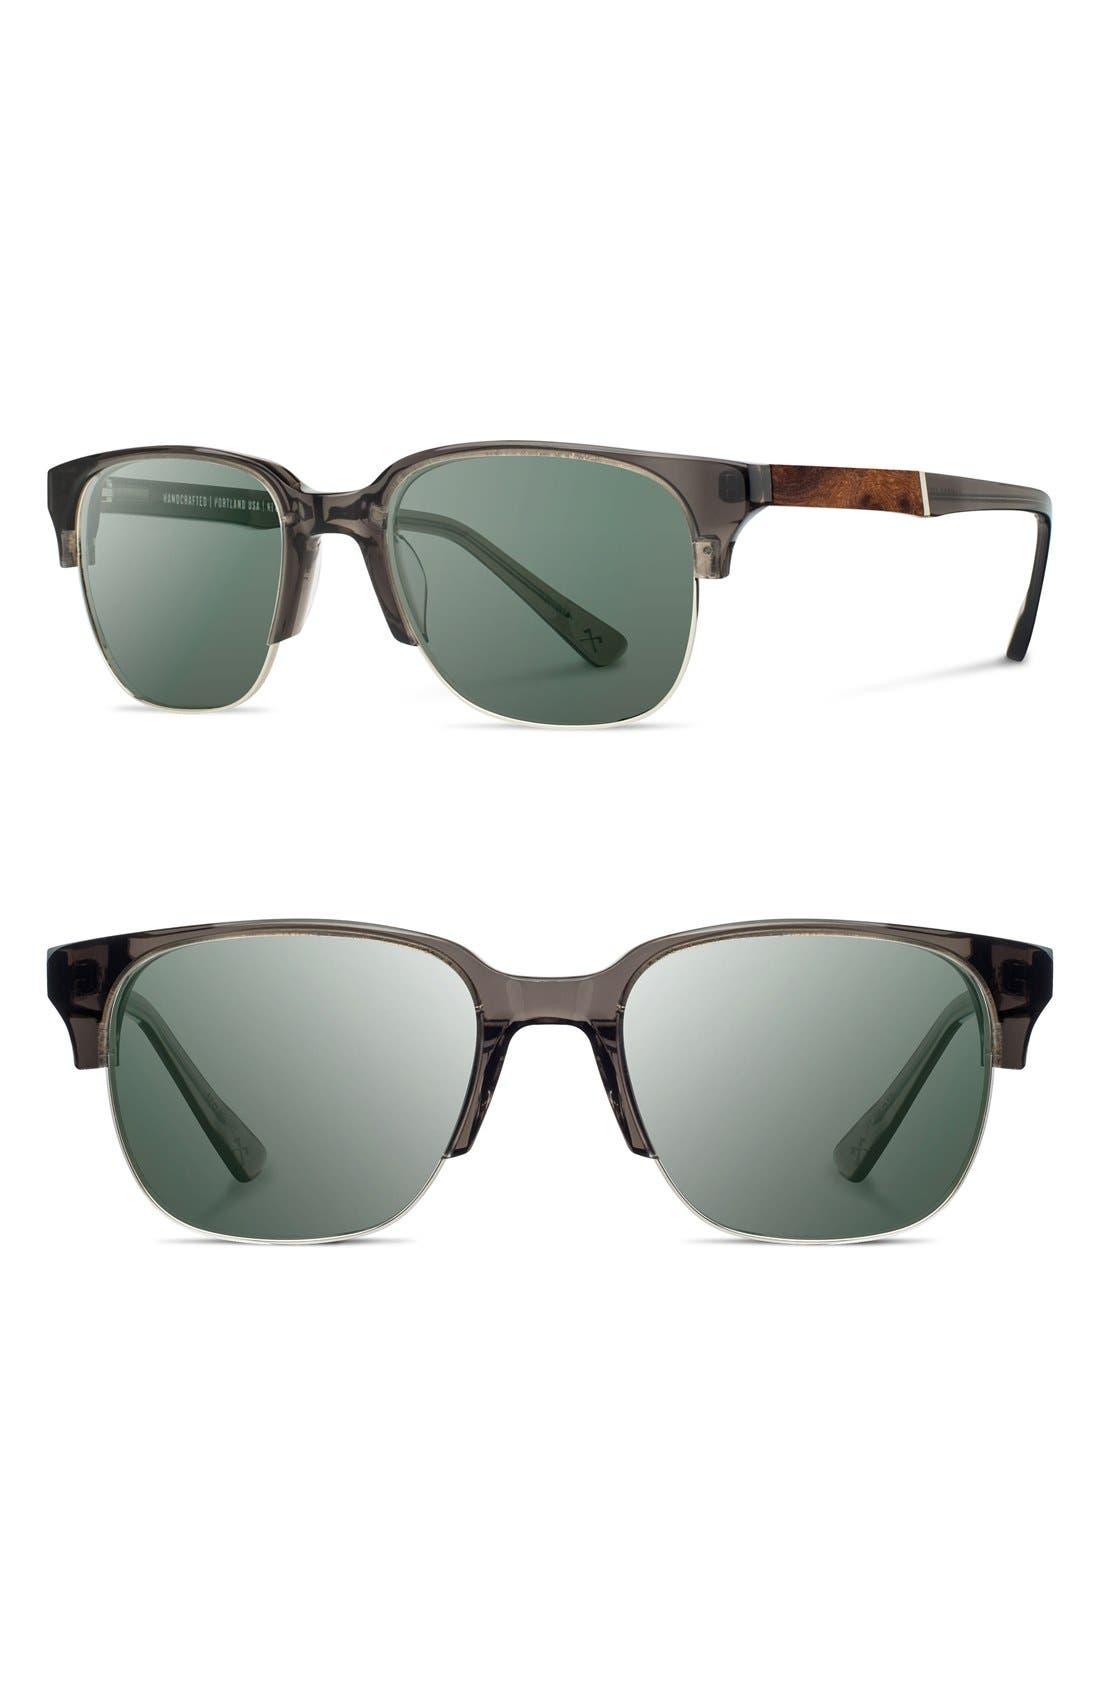 'Newport' Sunglasses,                         Main,                         color, Charcoal/ Elm Burl/ Grey